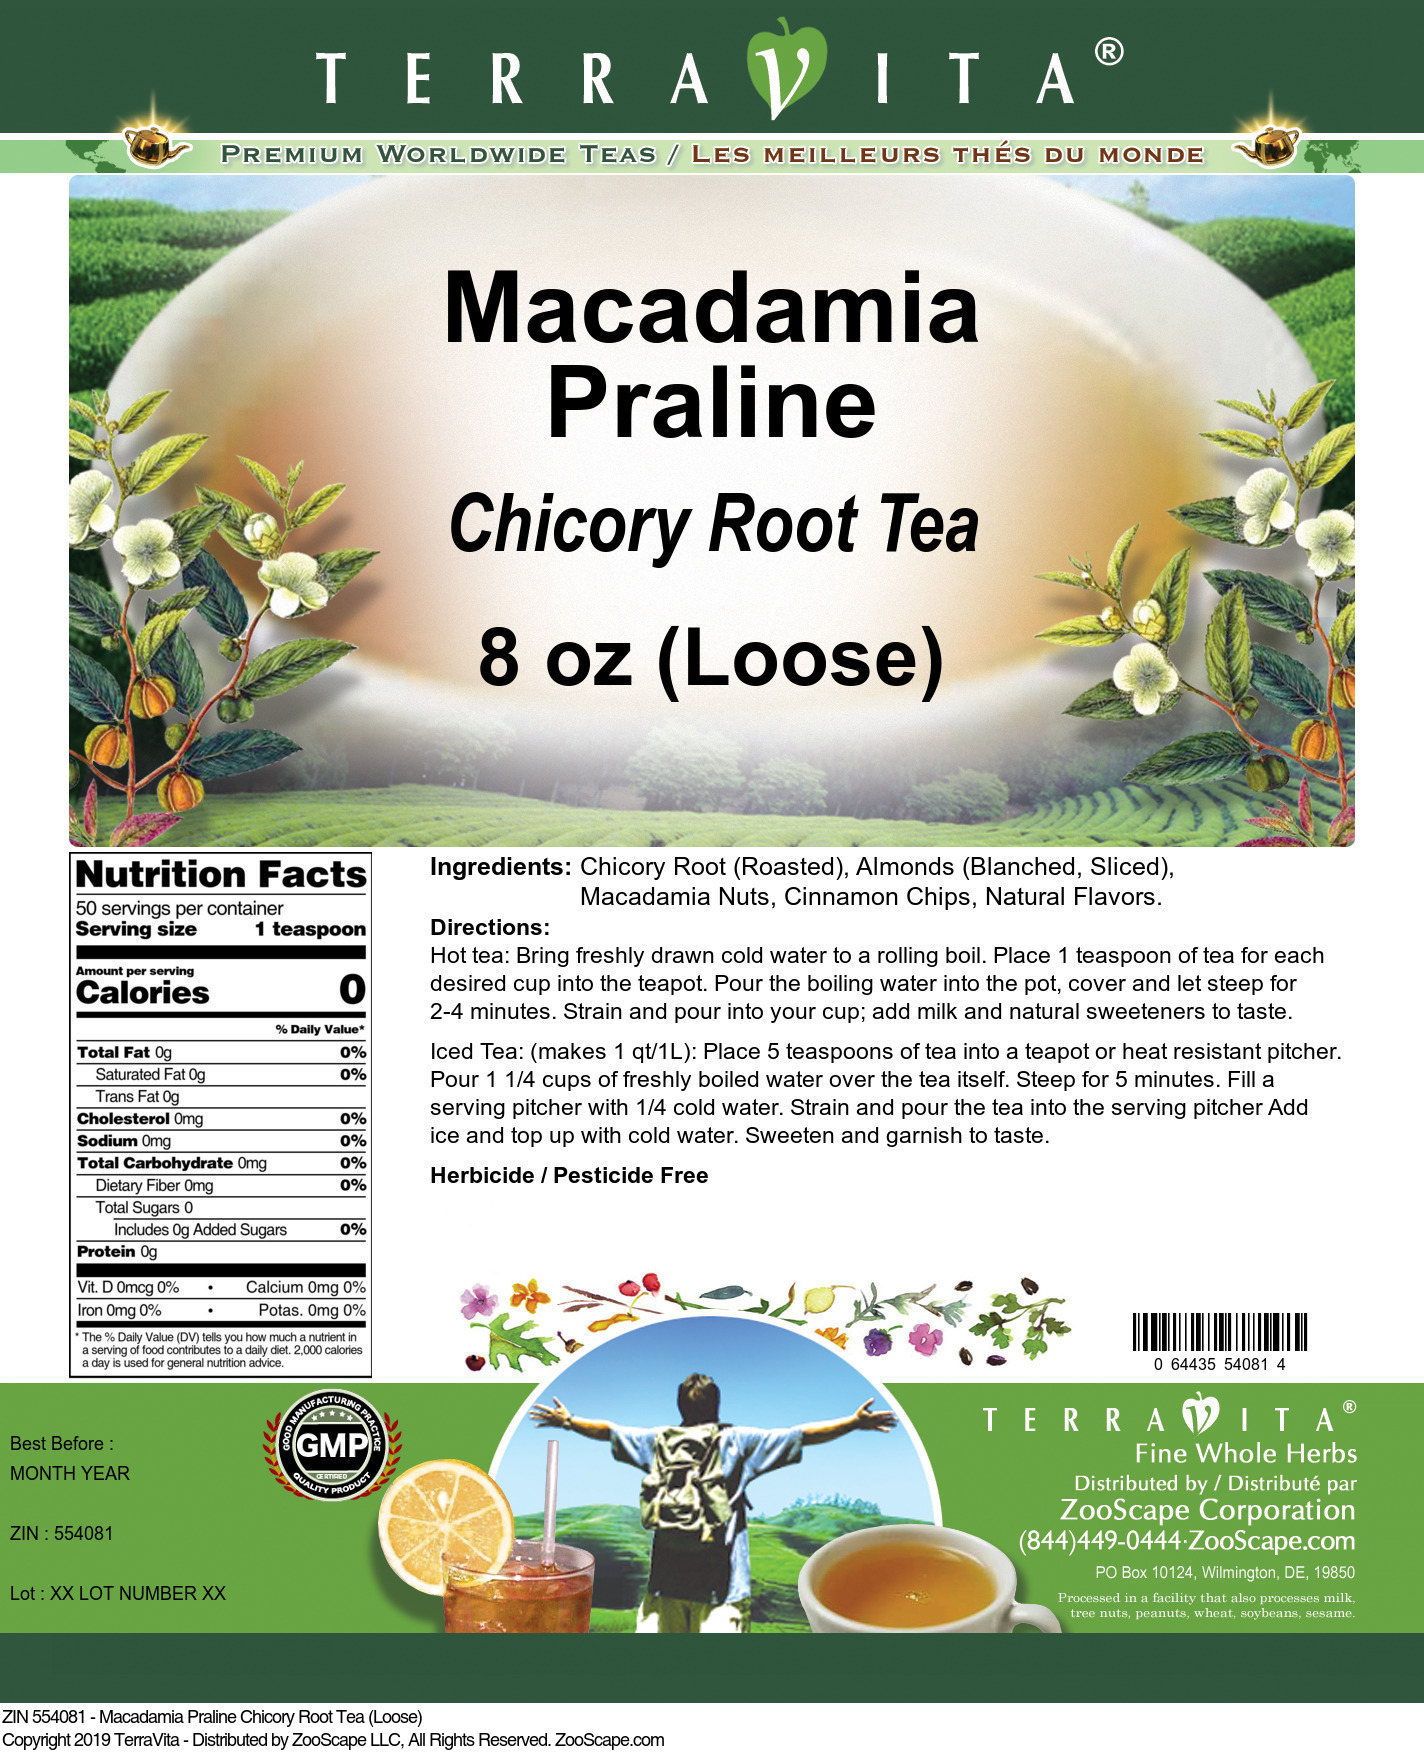 Macadamia Praline Chicory Root Tea (Loose)